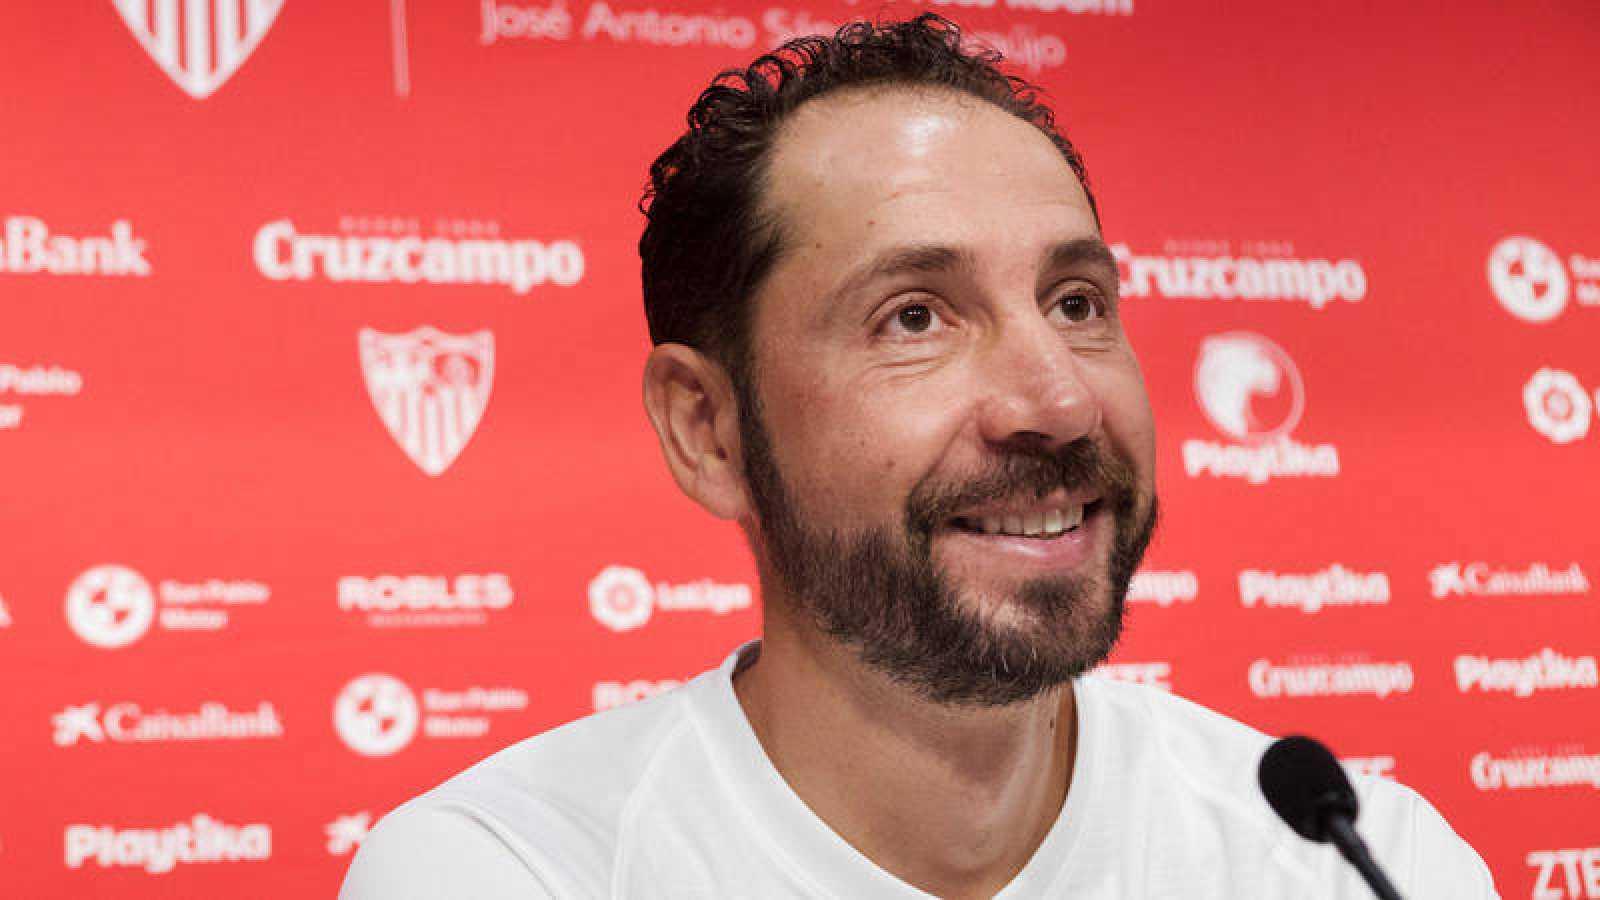 El entrenador del Sevilla, Pablo Machín, en rueda de prensa.